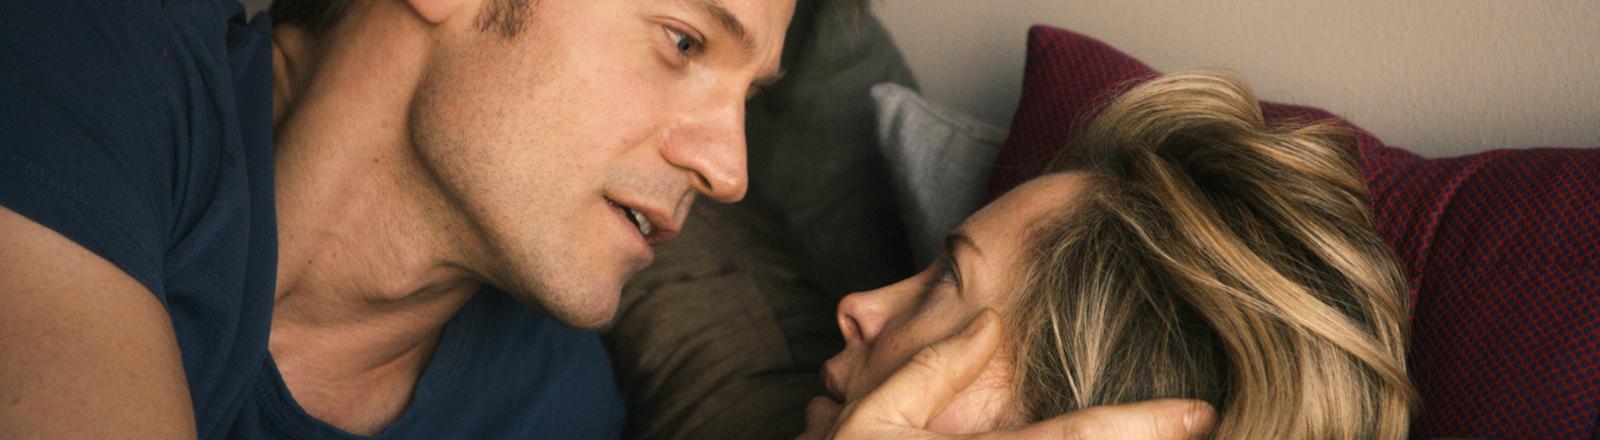 """Nikolaj Coster-Waldau als Andreas und Maria Bonnevie als Anna in einer Szene des Kinofilms """"Zweite Chance""""."""